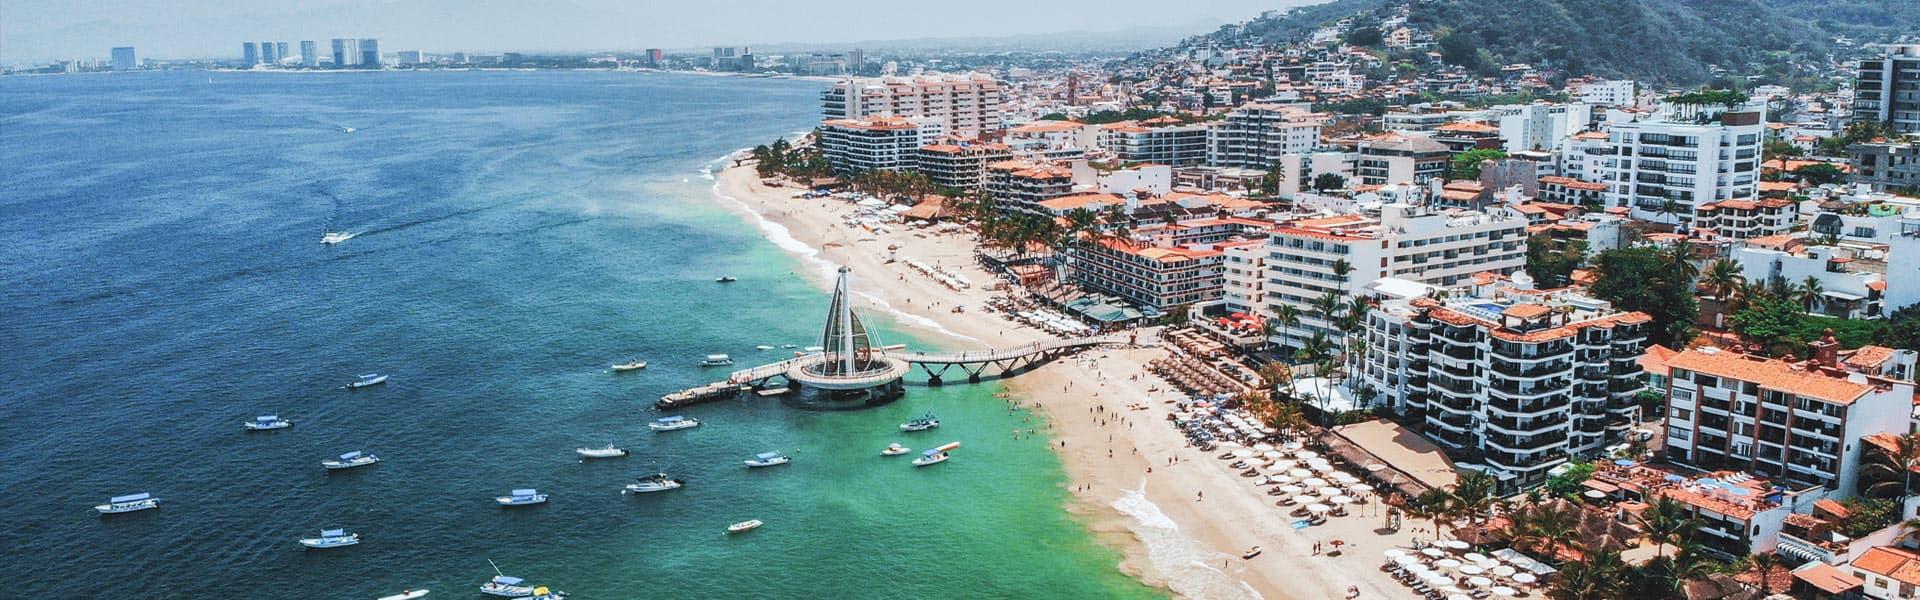 Mexican Riviera: Cabo & Puerto Vallarta